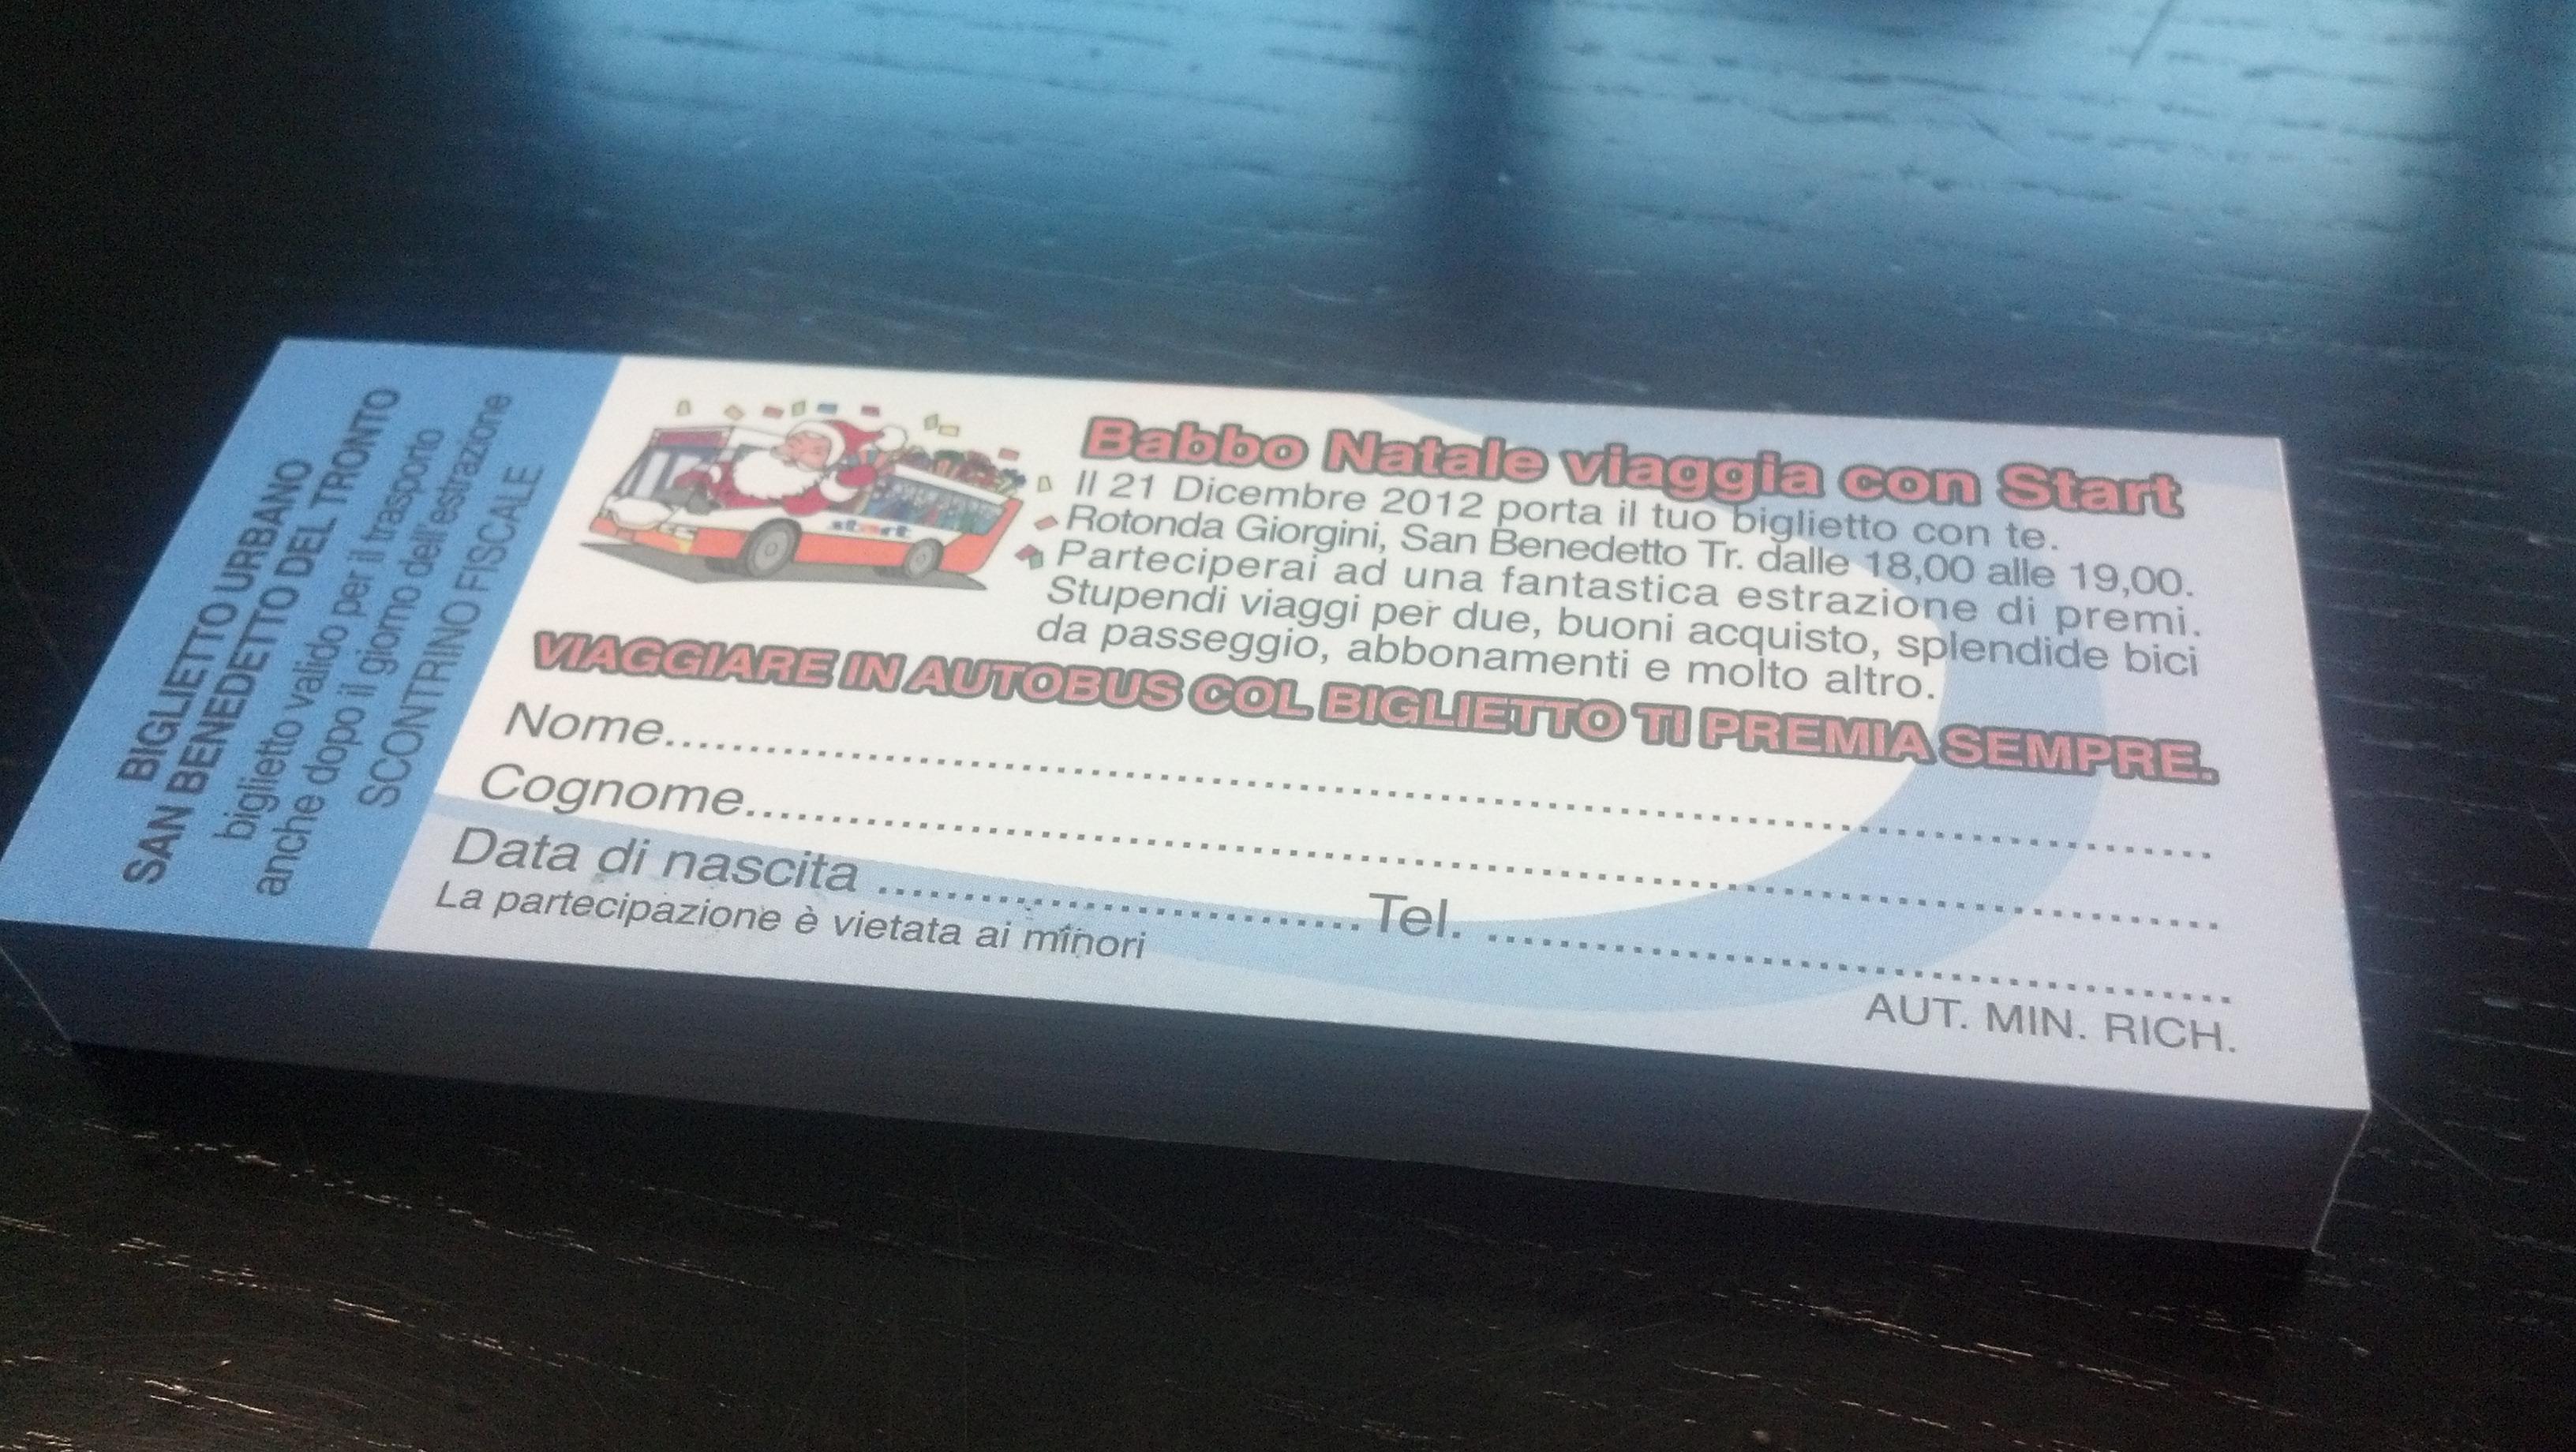 Il biglietto per il concorso natalizio della Start. Questo è il biglietto che sarà venduto a San Benedetto (retro)